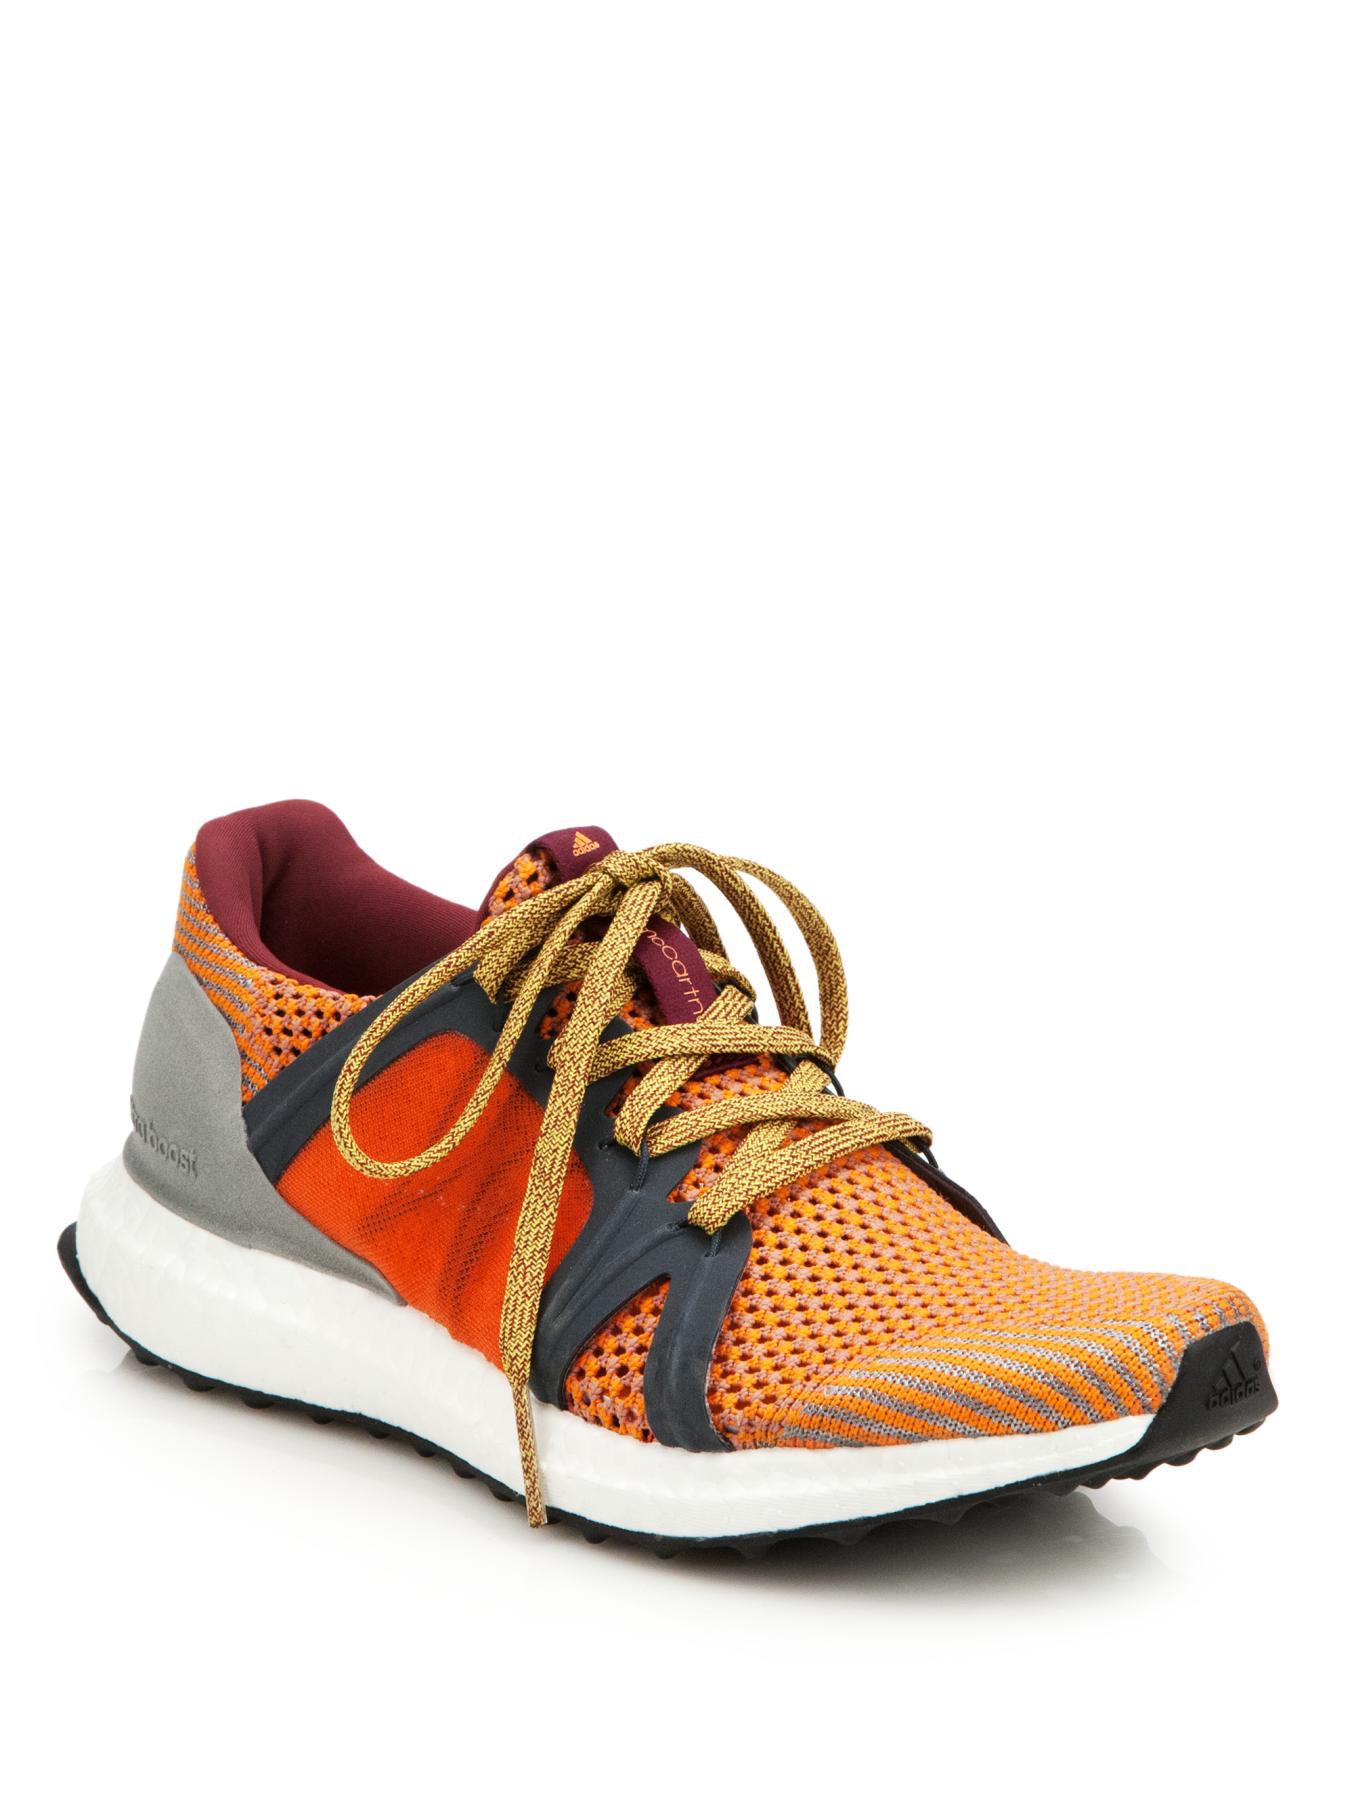 Adidas Ultra Boost Stella Mccartney